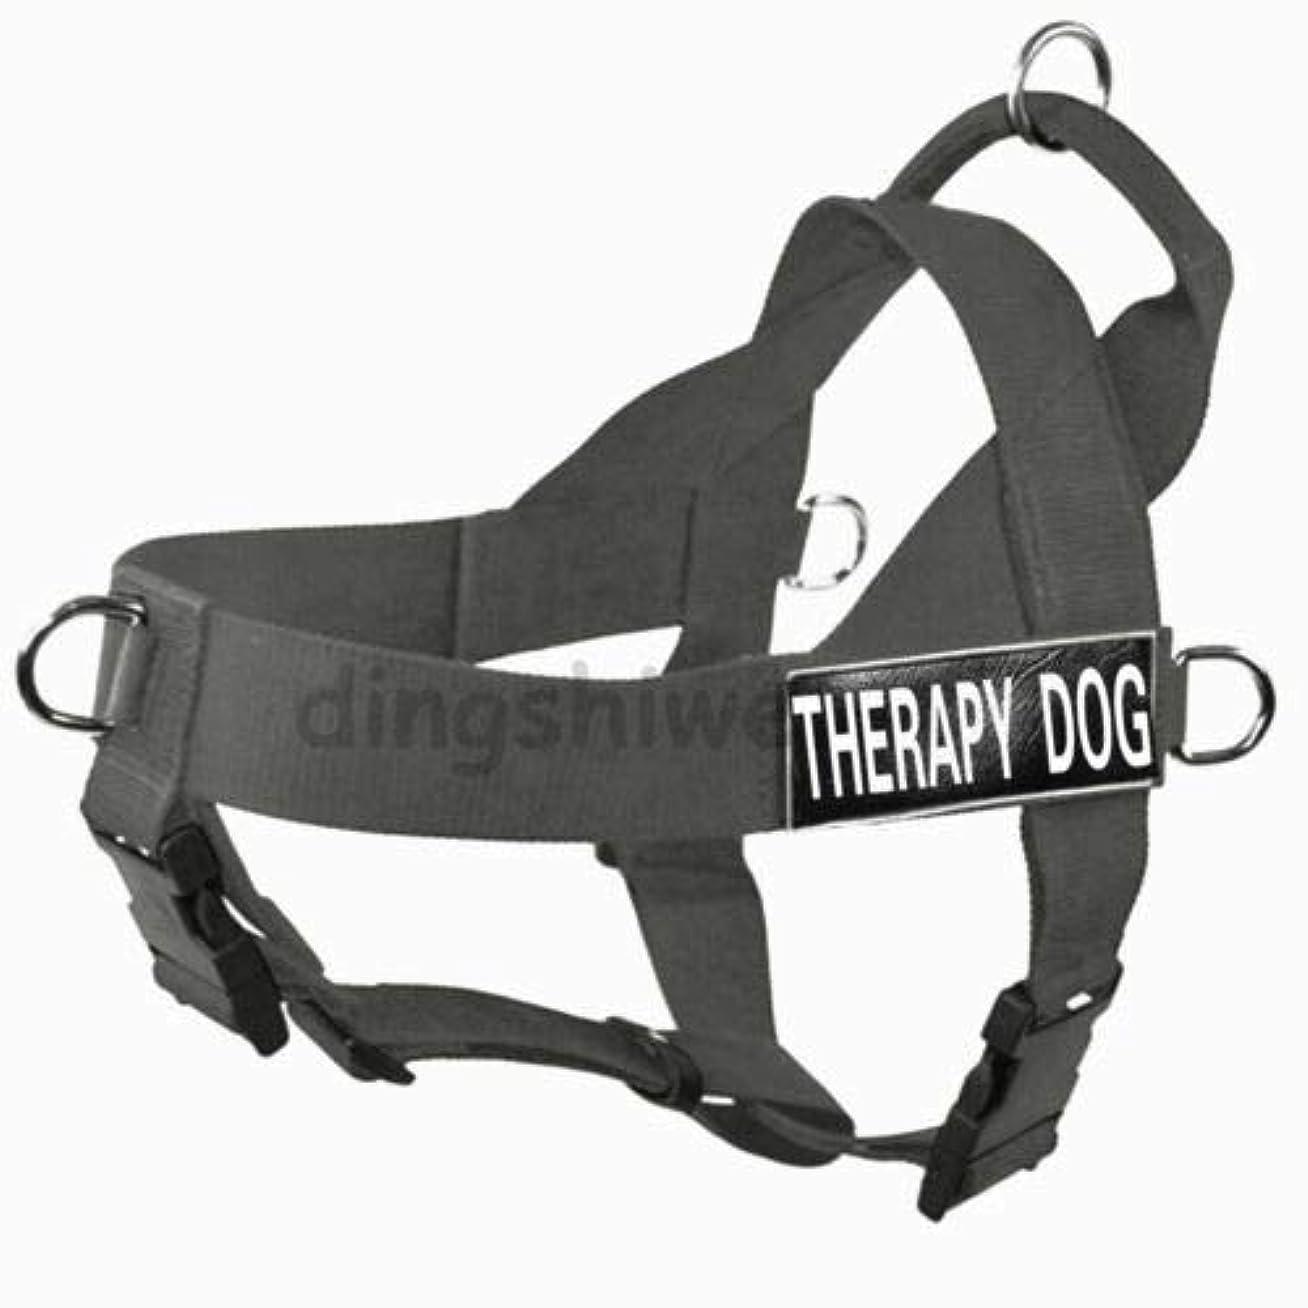 部族ロデオインチFidgetGear SERVICE DOG VEST/HARNESS Nylon With Removable label Patches for Large Dogs Grey L fit girth 29